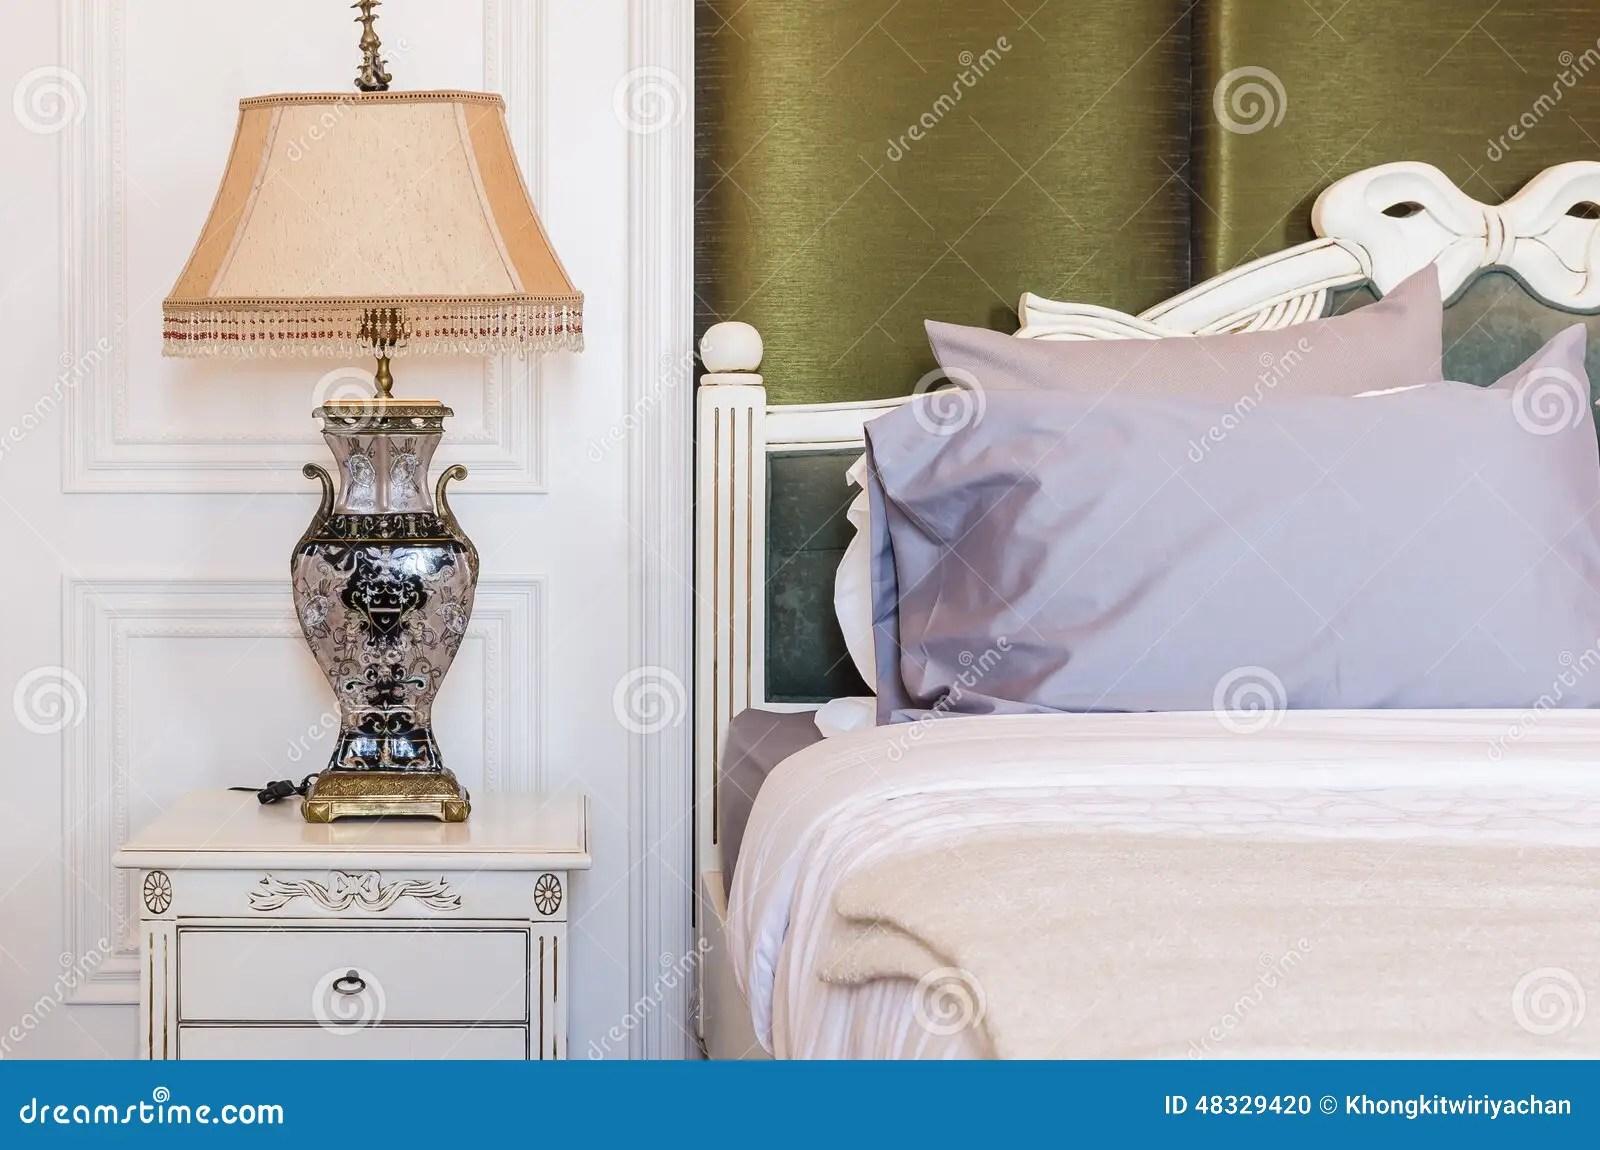 Lampadario camera da letto shabby chandeliers at posh l idee